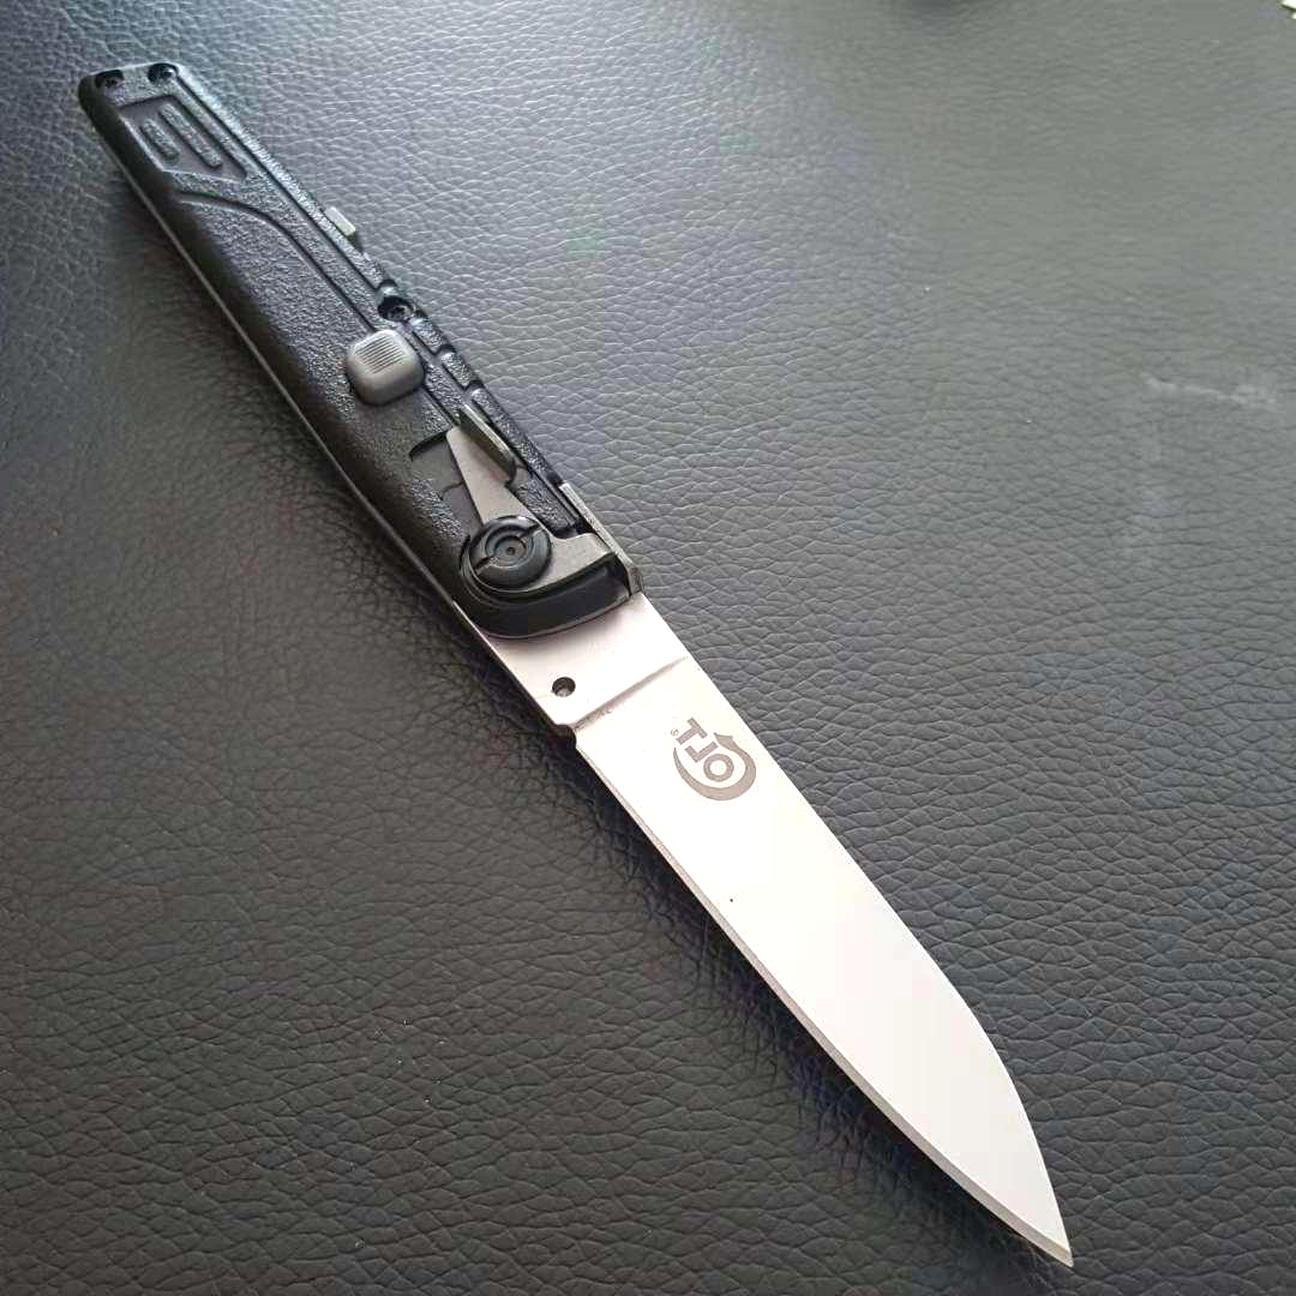 Colt Knife For Sale Only 4 Left At 70